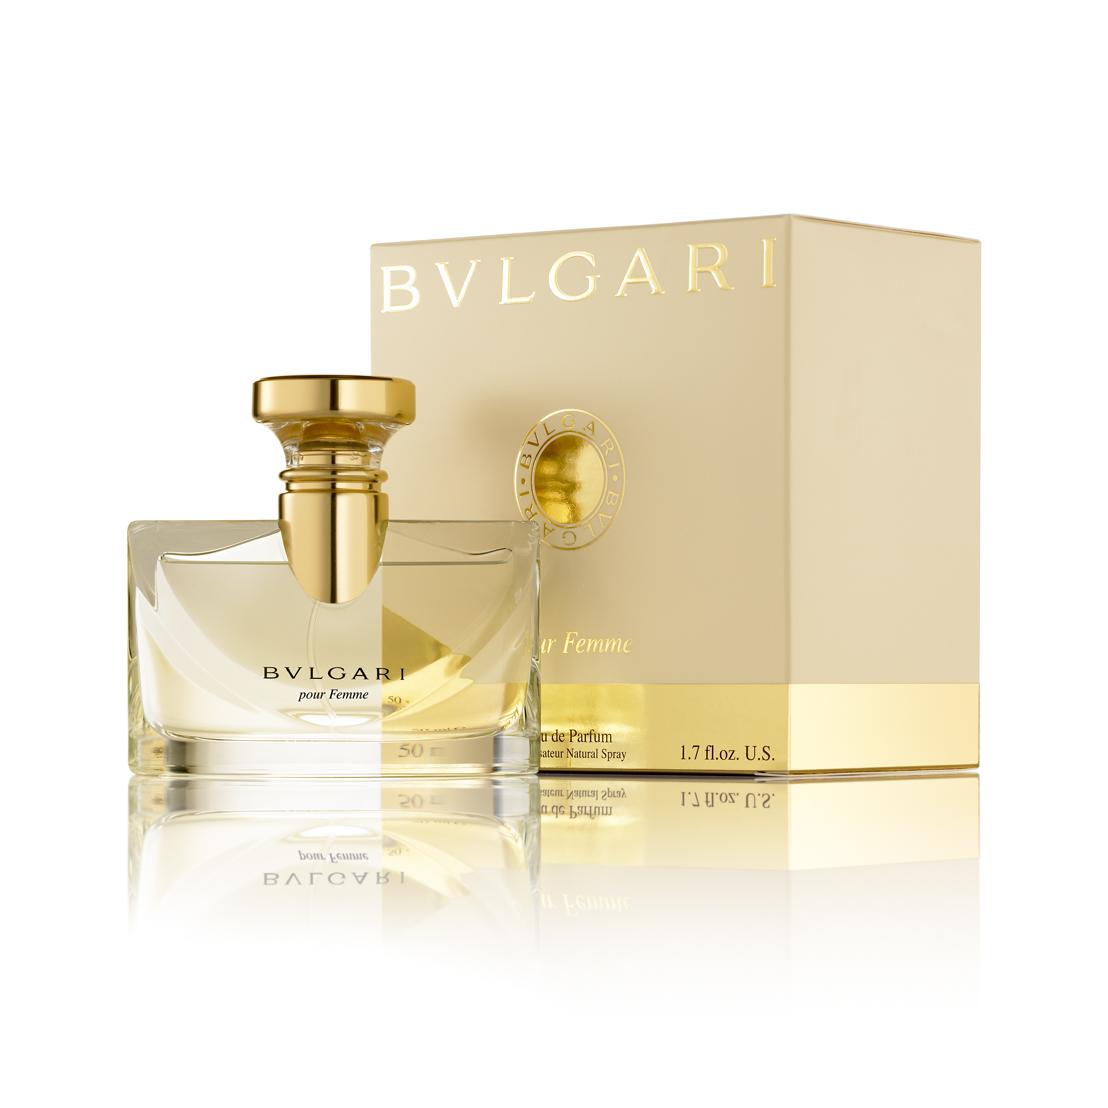 Bvlgari Bvlgari pour Femme, Parfémovaná voda, 50ml, Dámska vôňa, + AKCE: dárek zdarma